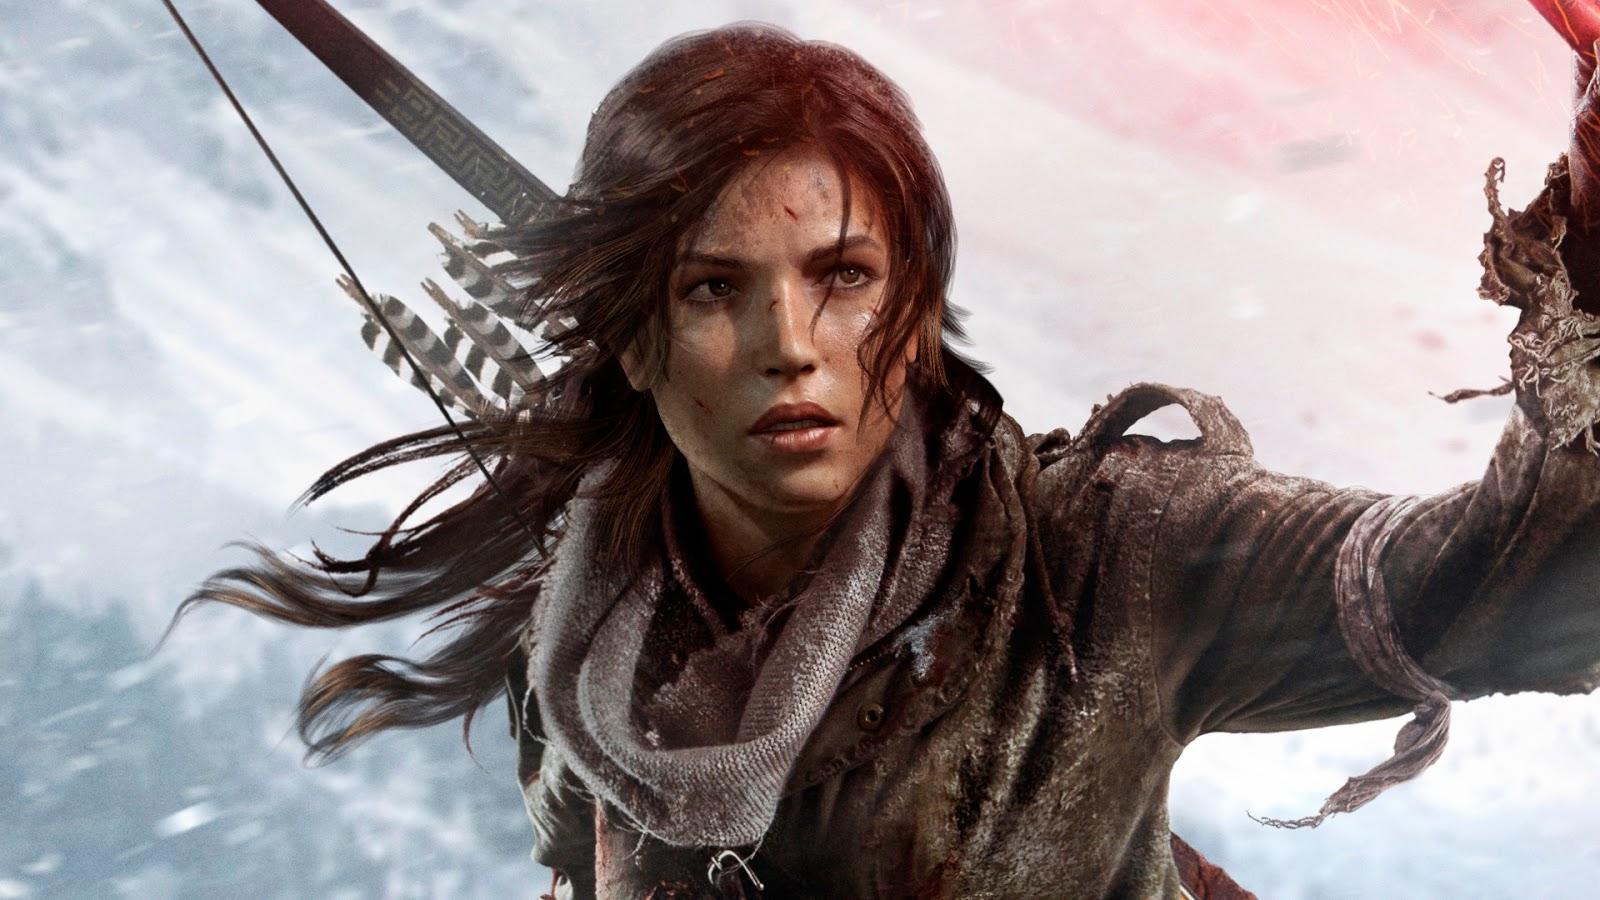 تحلیل فنی | بررسی دقیق نسخه ایکسباکسوانایکس Rise of the Tomb Raider